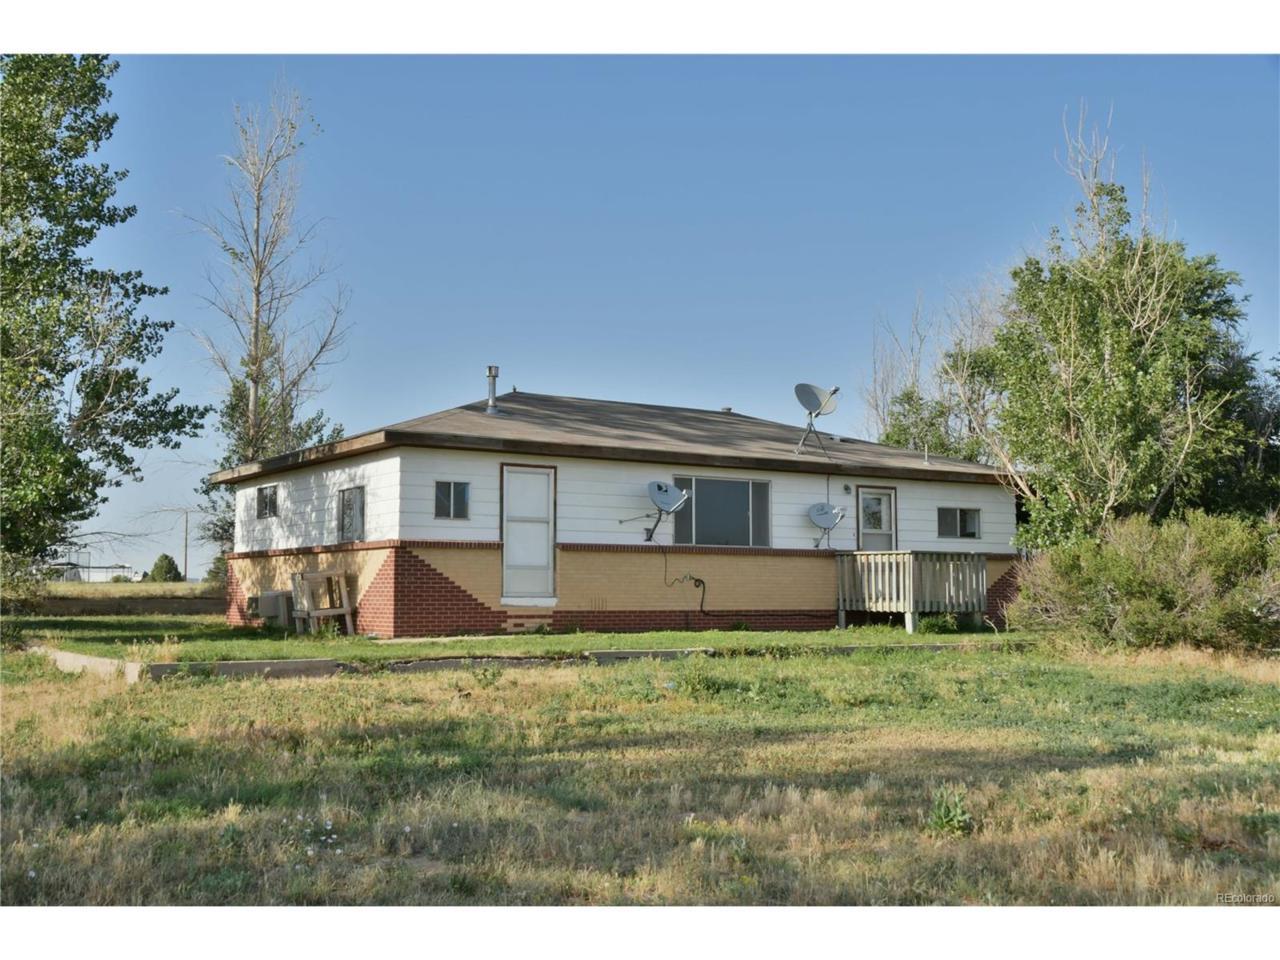 20700 E 152nd Avenue, Brighton, CO 80603 (MLS #8017963) :: 8z Real Estate